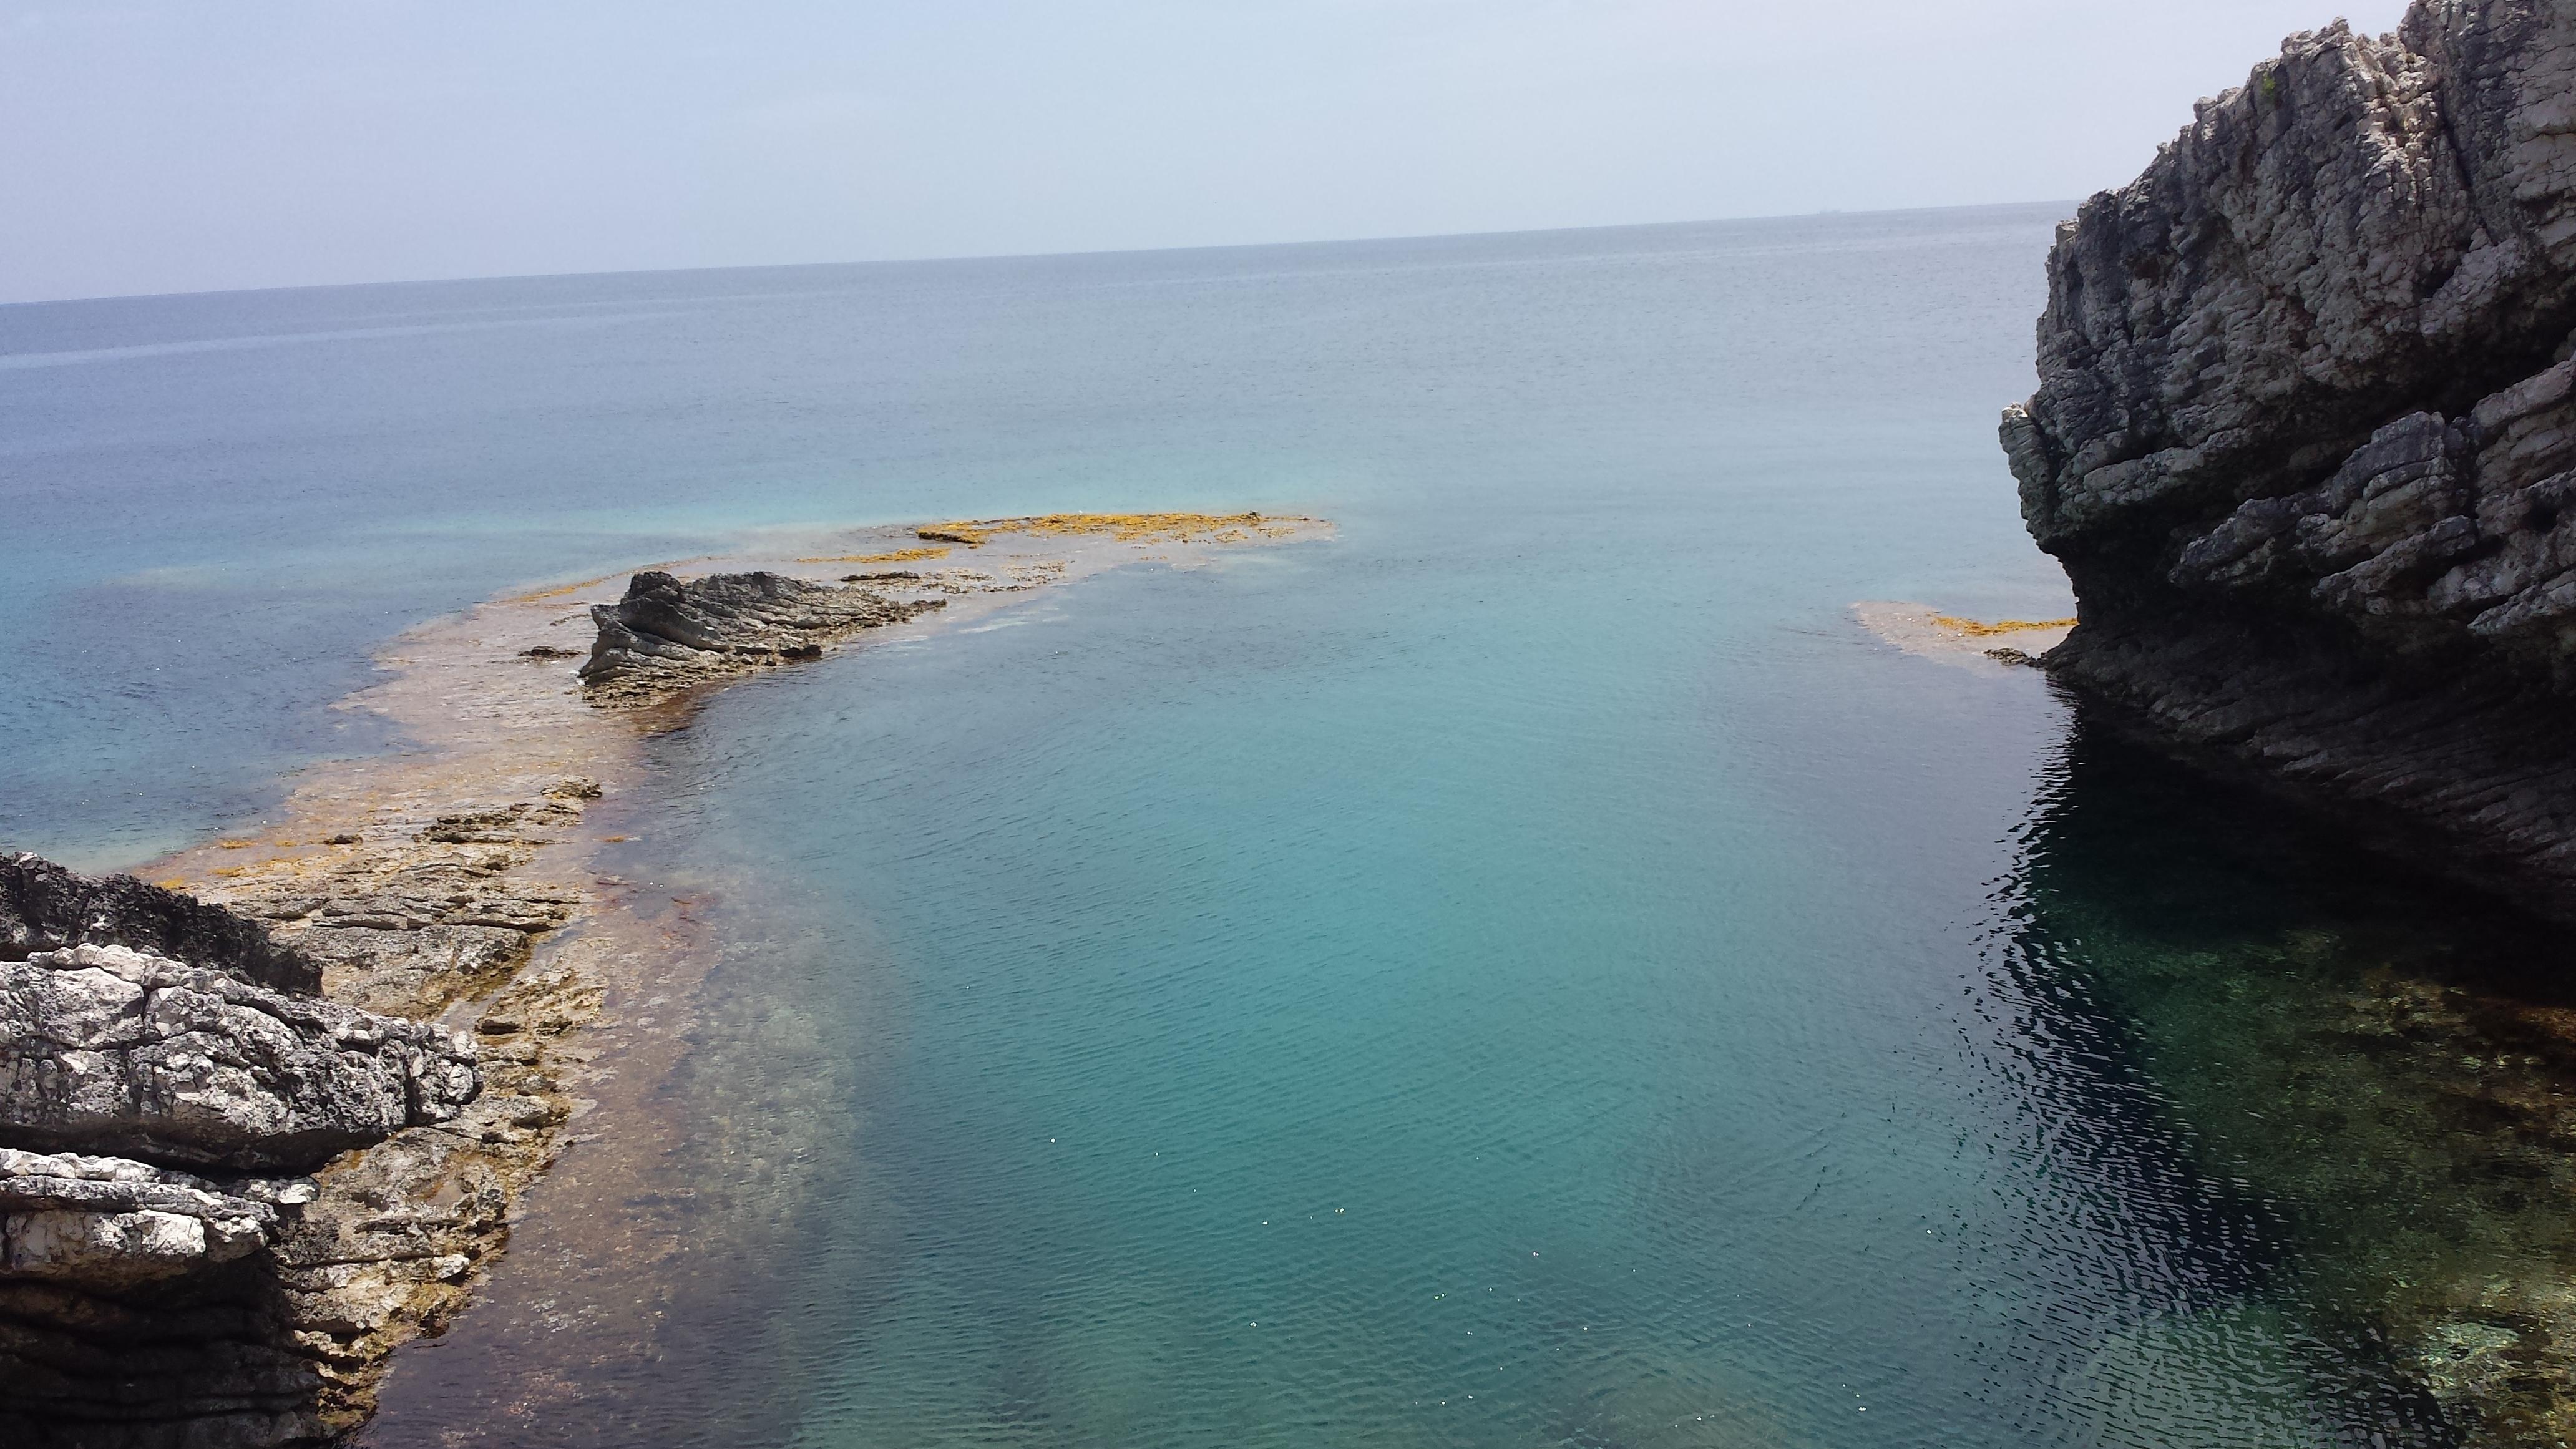 Othoni Grecia Isole Vacanza in Barca a Vela